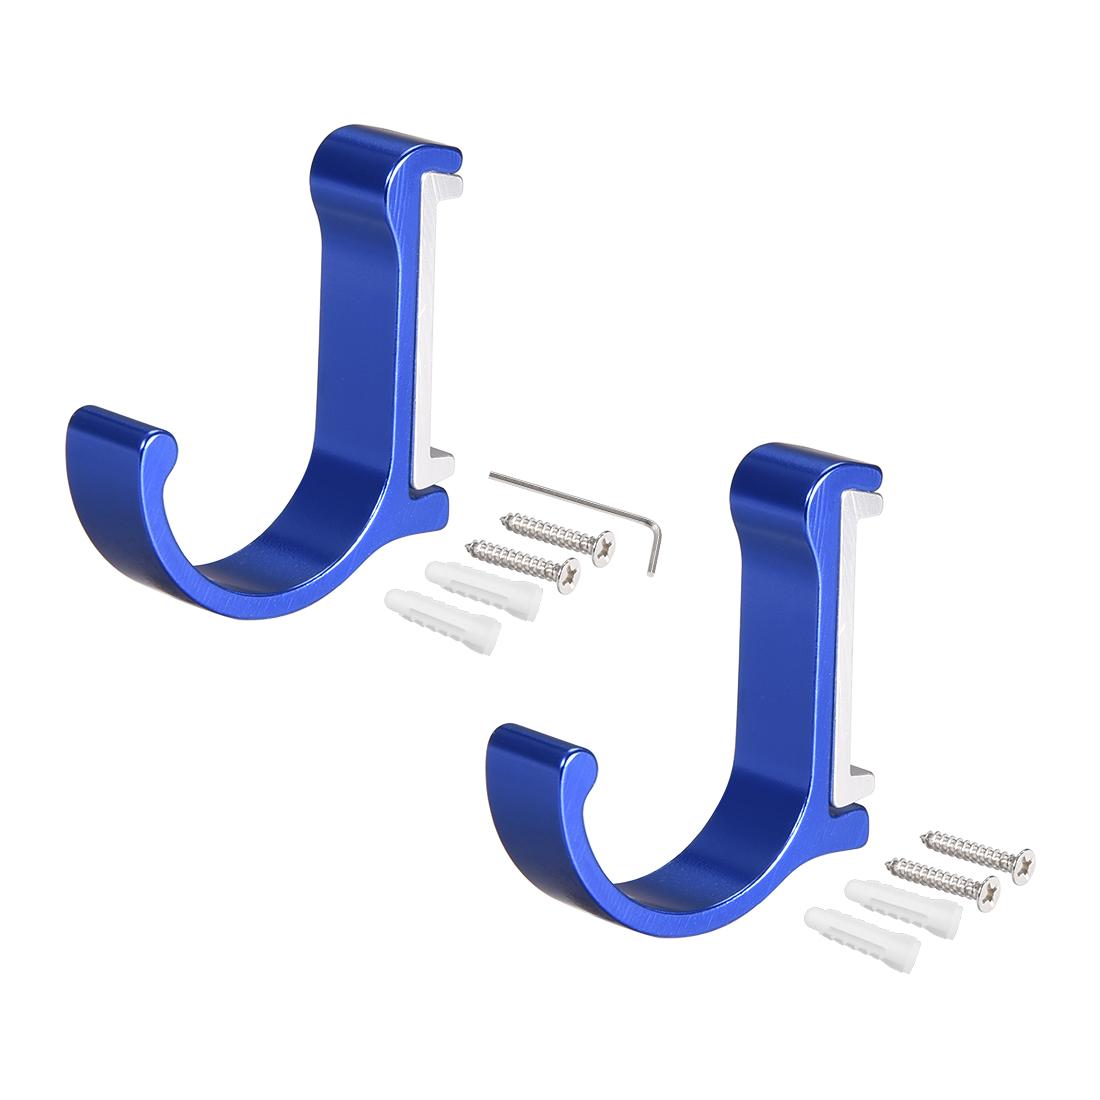 2Pcs Wall Mounted Hook Robe Hook Single Towel Hanger Aluminum alloy, blue - image 3 of 3